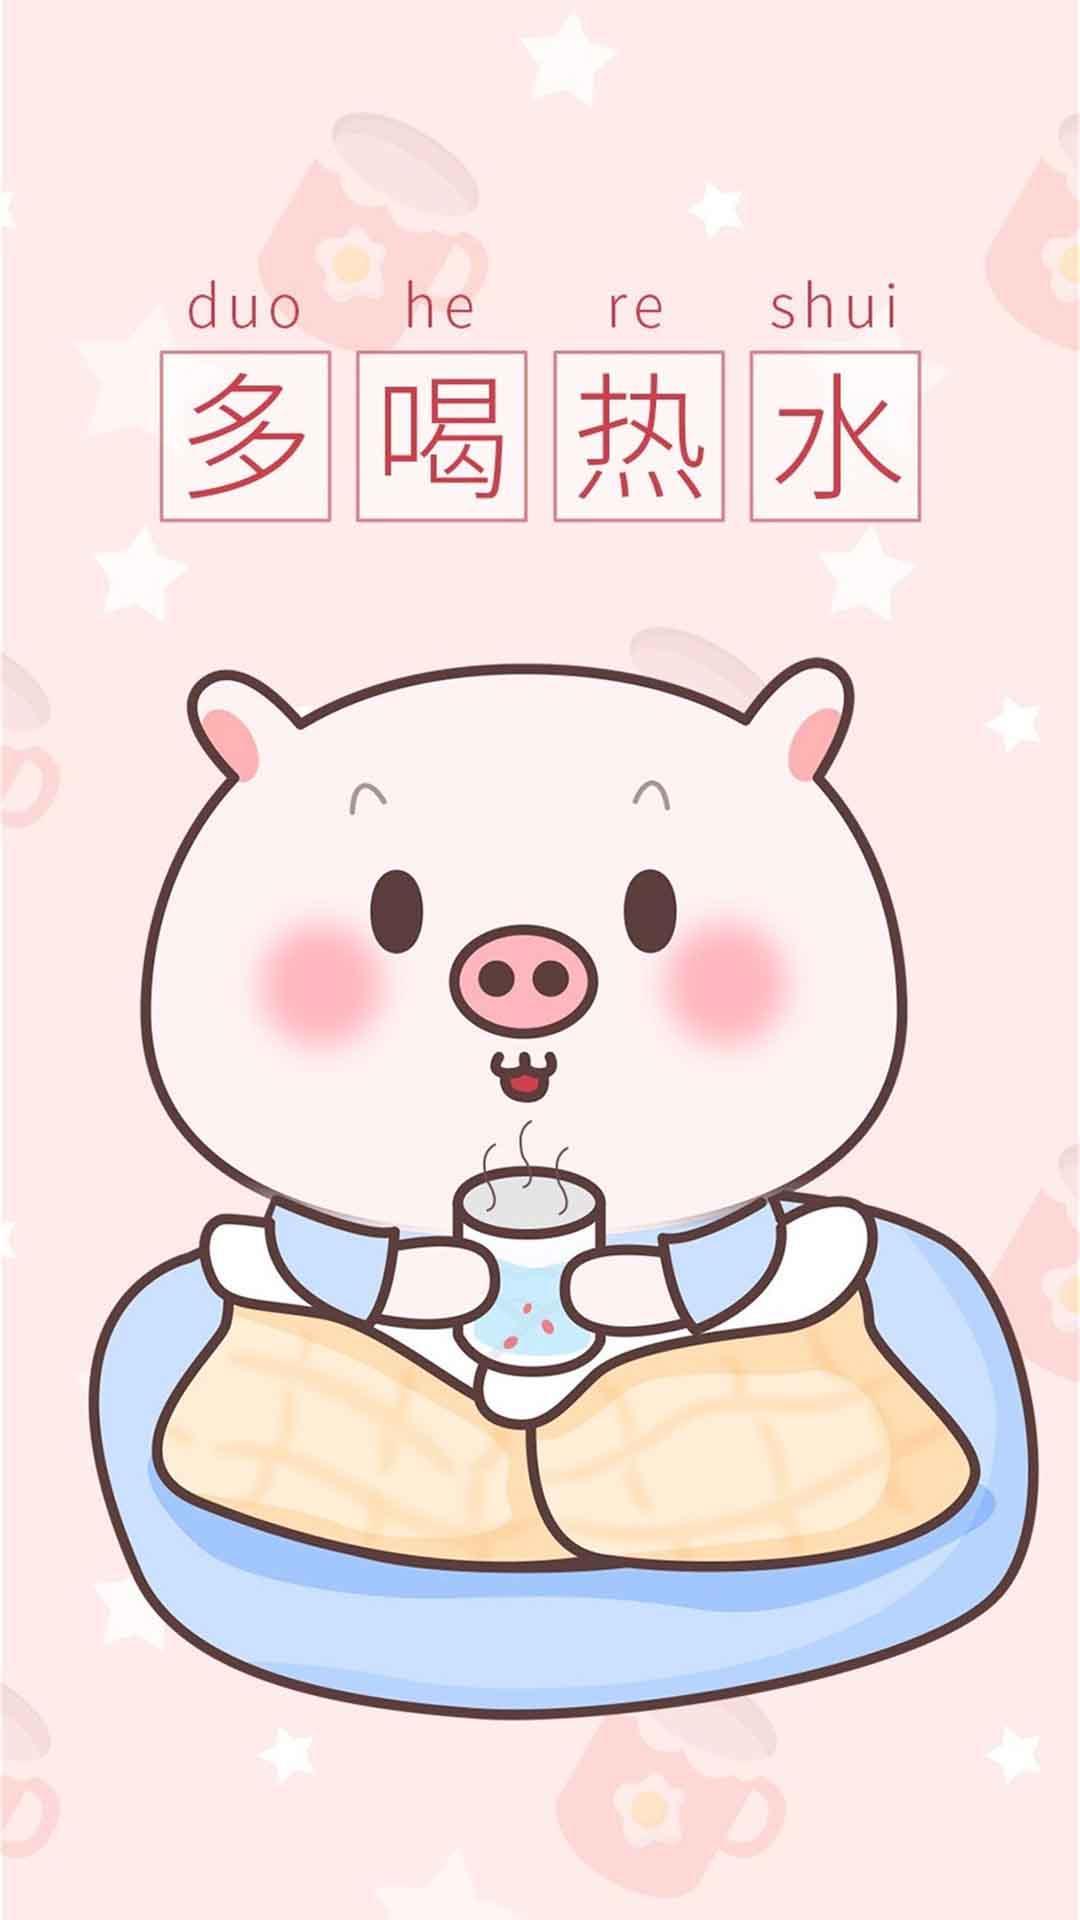 多喝热水情侣直男搞笑文字卡通小猪高清苹果手机壁纸图片